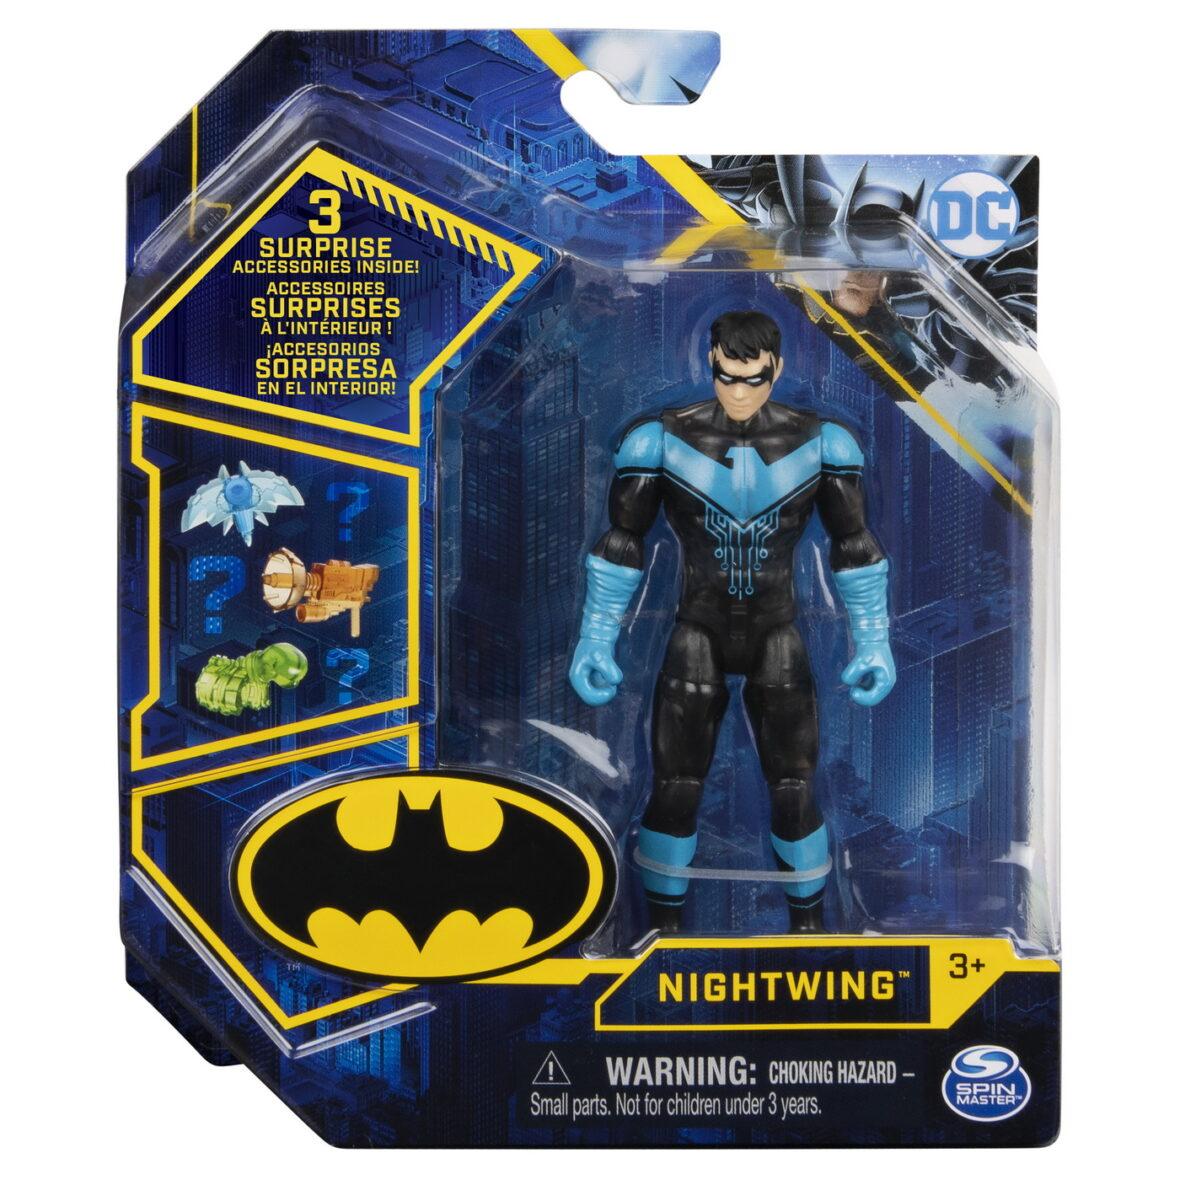 Figurina Nightwing Cu Costum Tech Si Articulata 10cm Cu 3 Accesorii Surpriza